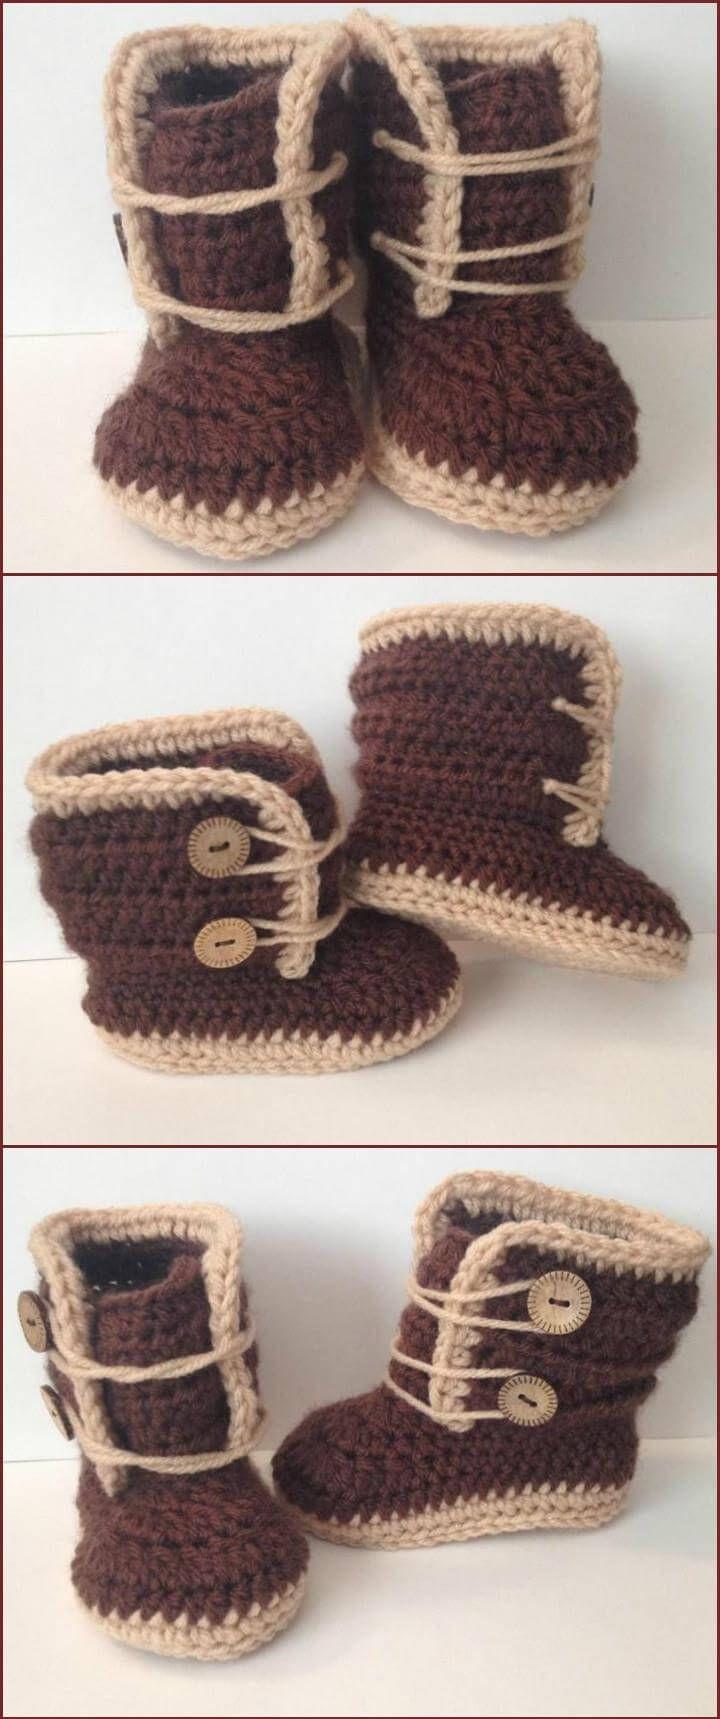 Crochet Baby Booties - Top 40 Free Crochet Patterns ...